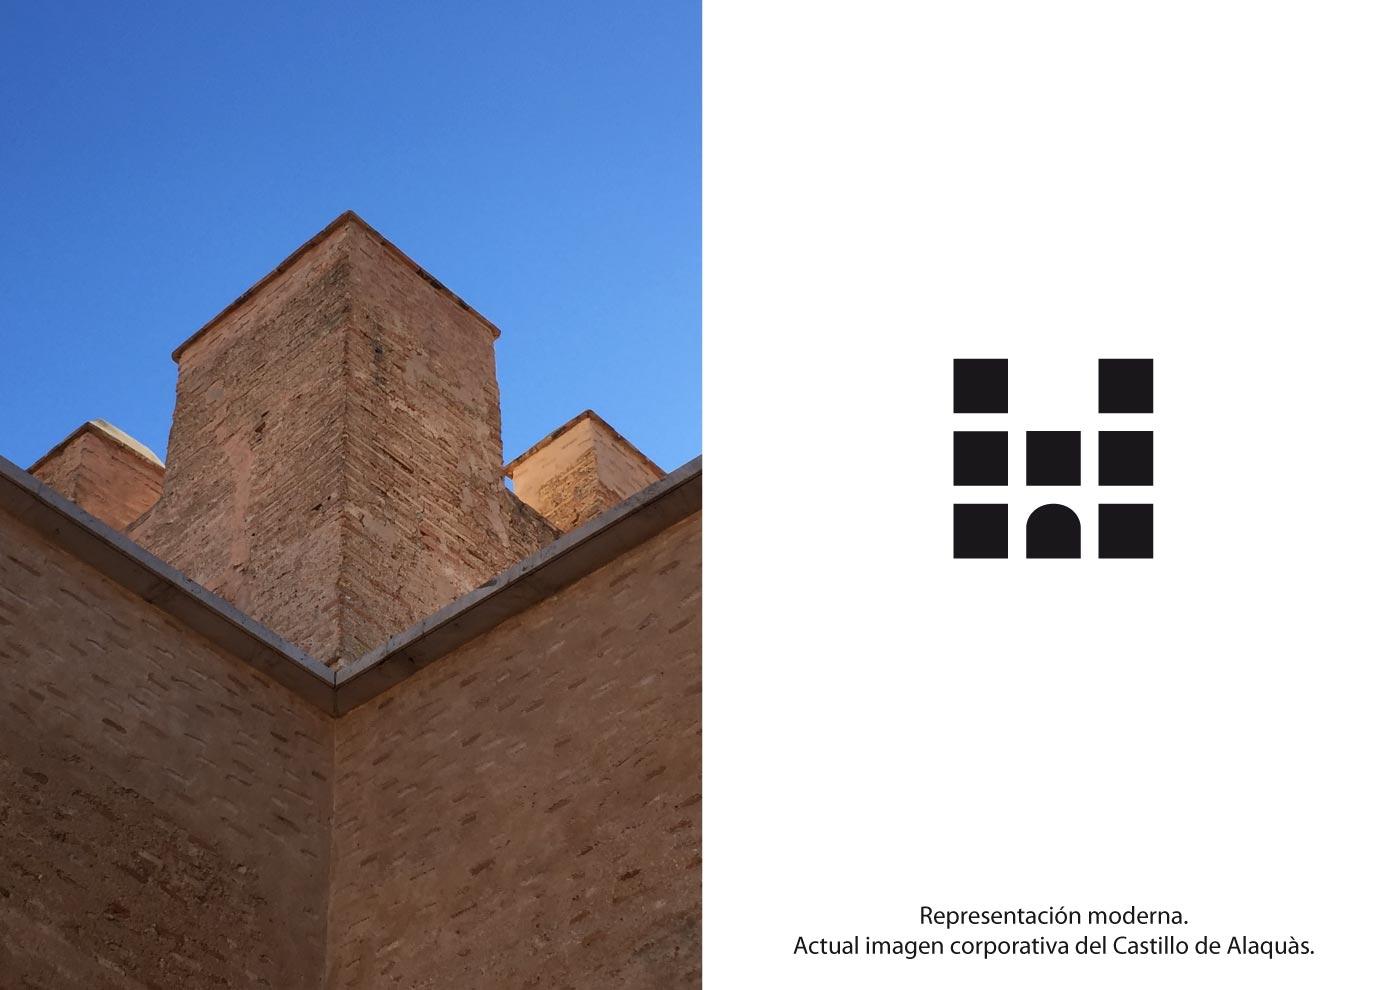 100 aniversario, centenario castillo de alaquas